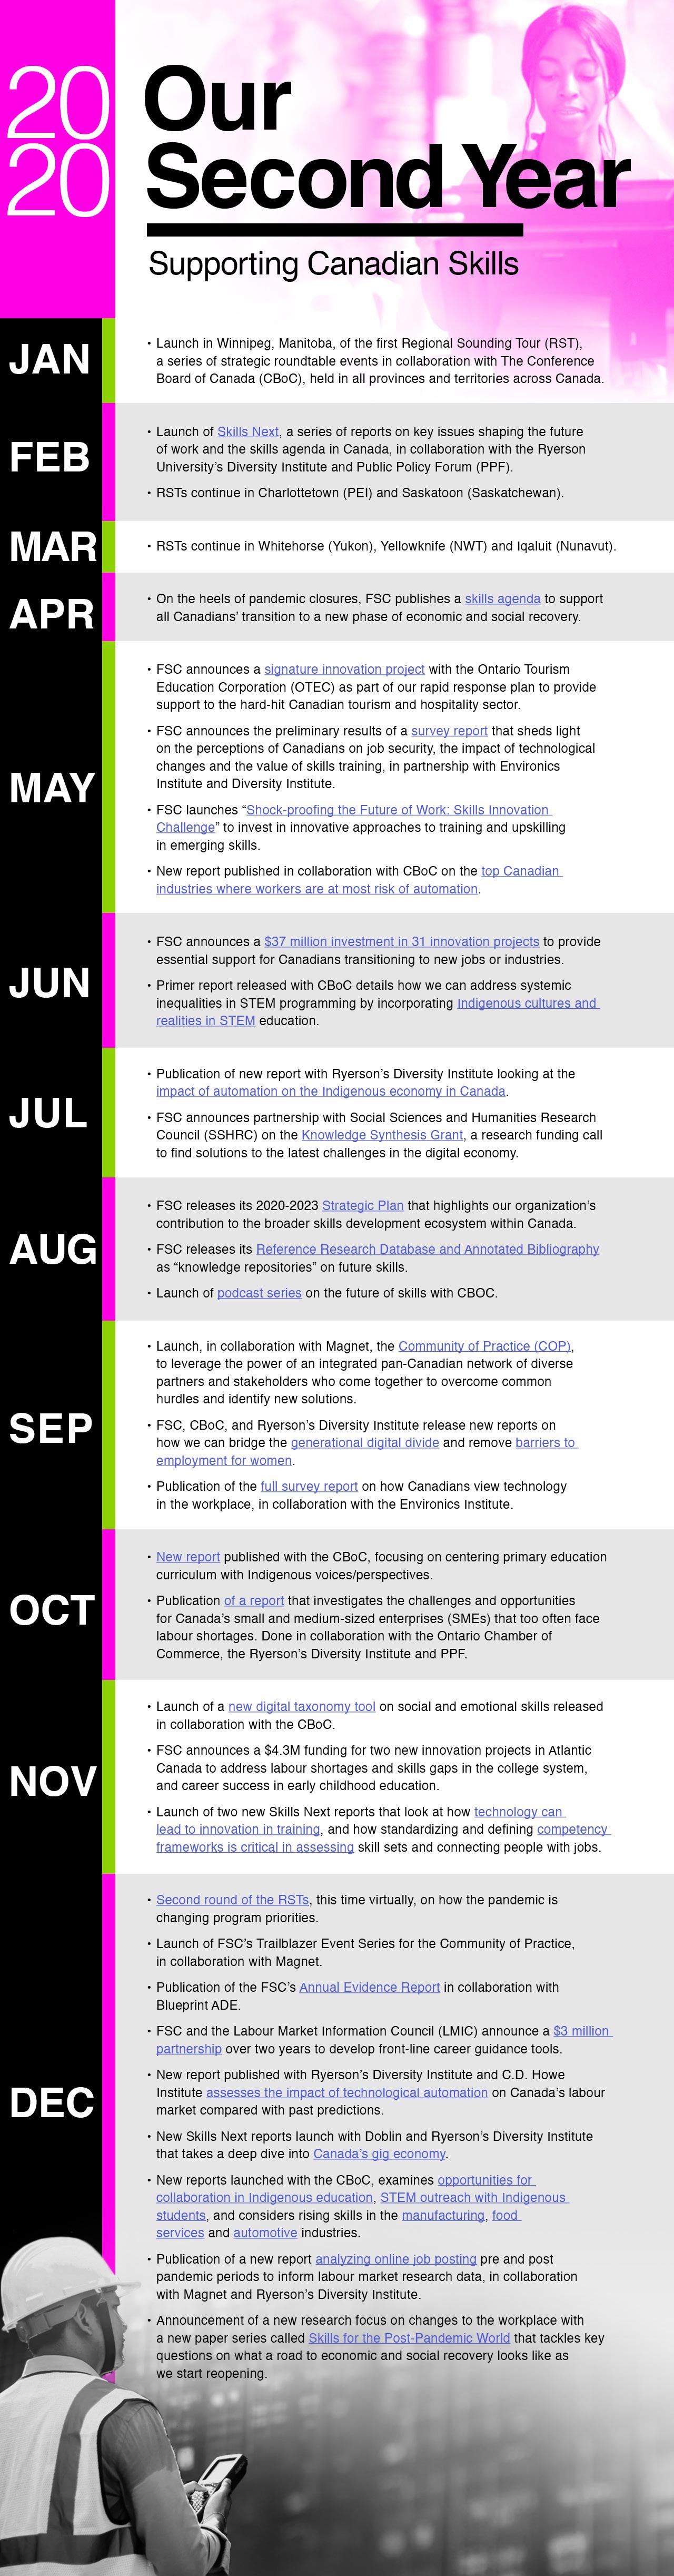 2020 Timeline